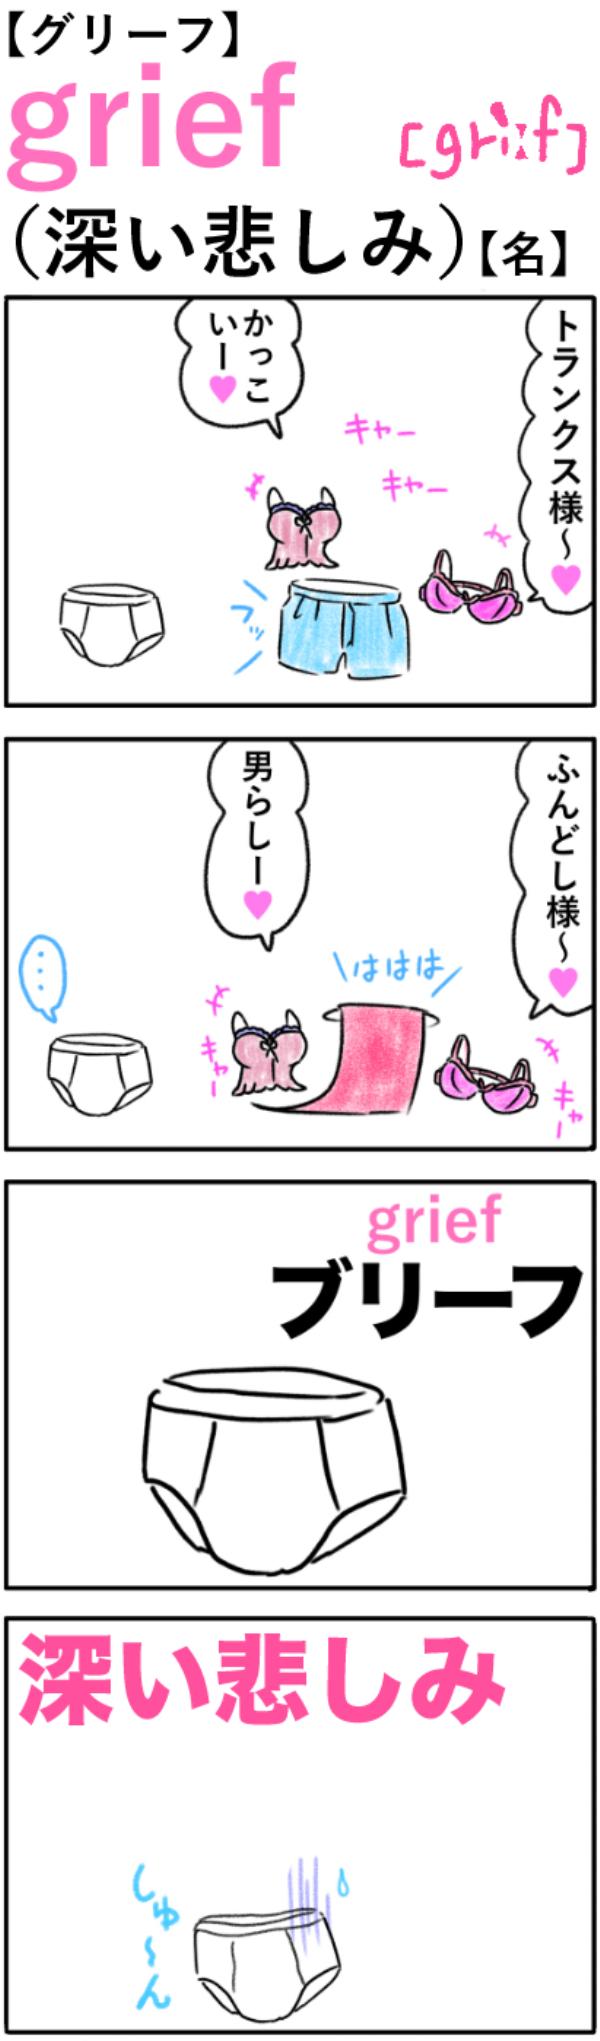 grief(深い悲しみ)の語呂合わせ英単語